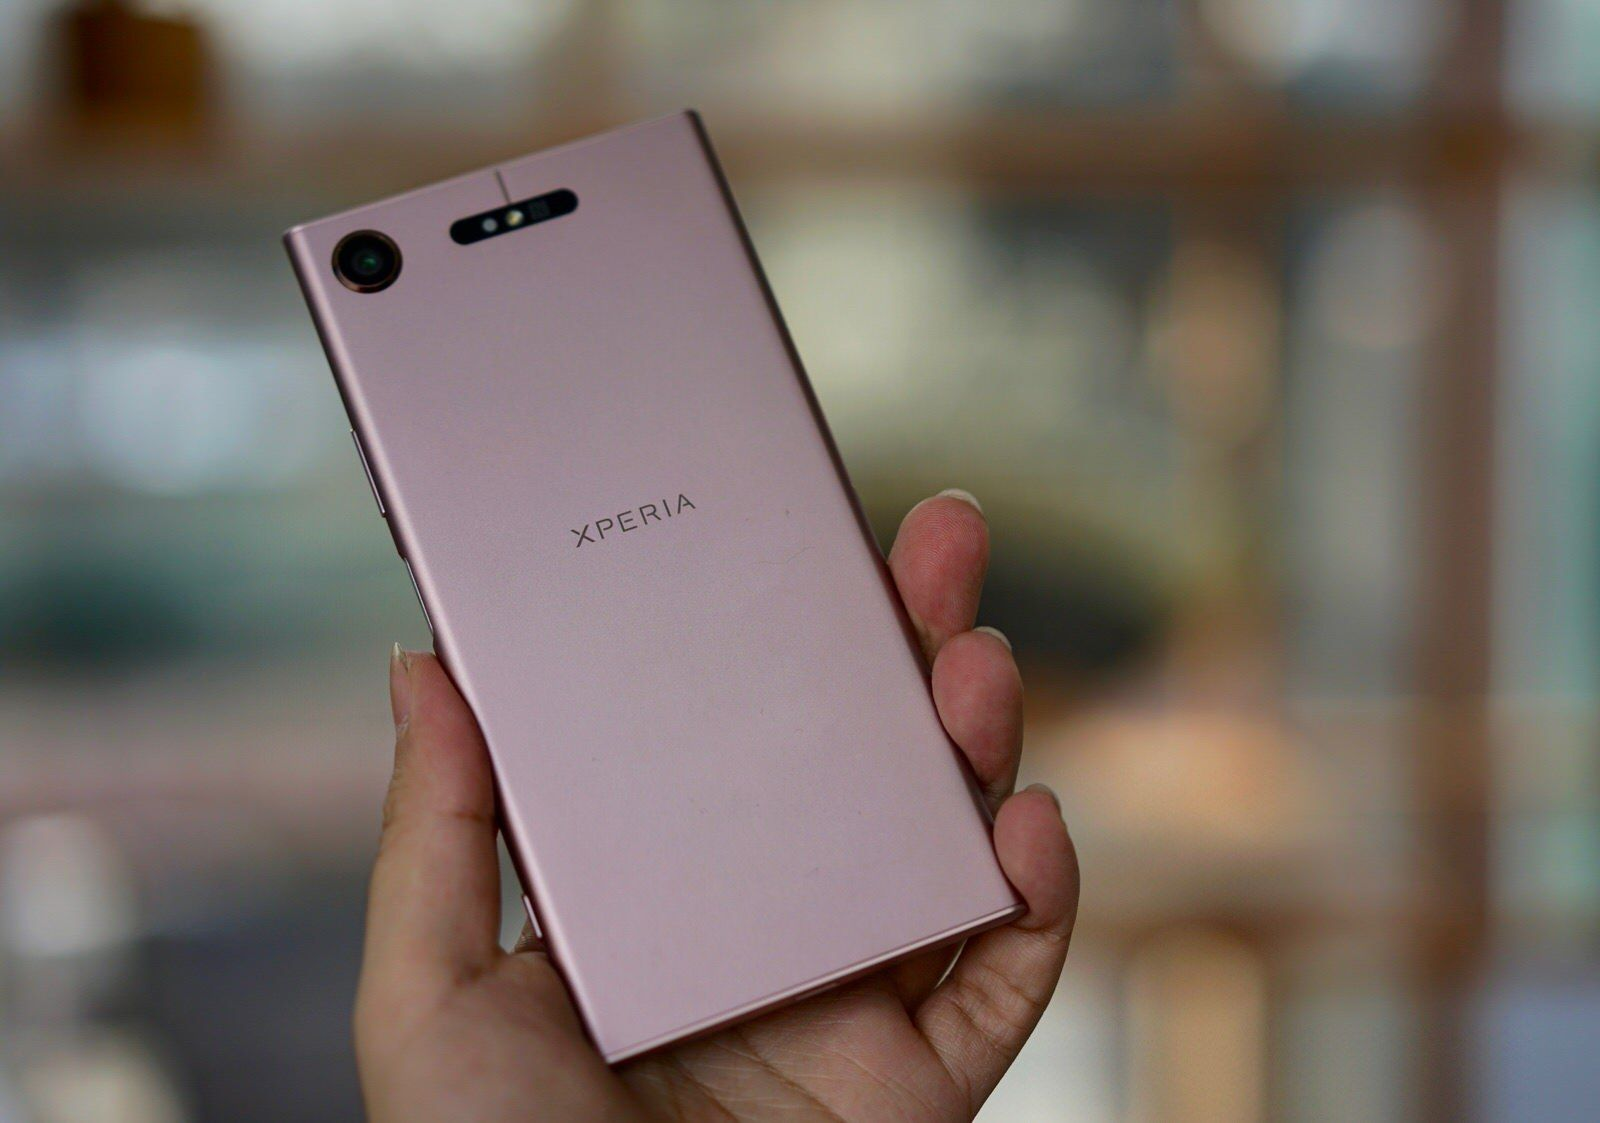 索尼 Xperia XZ1 体验:最值得买的索尼手机?